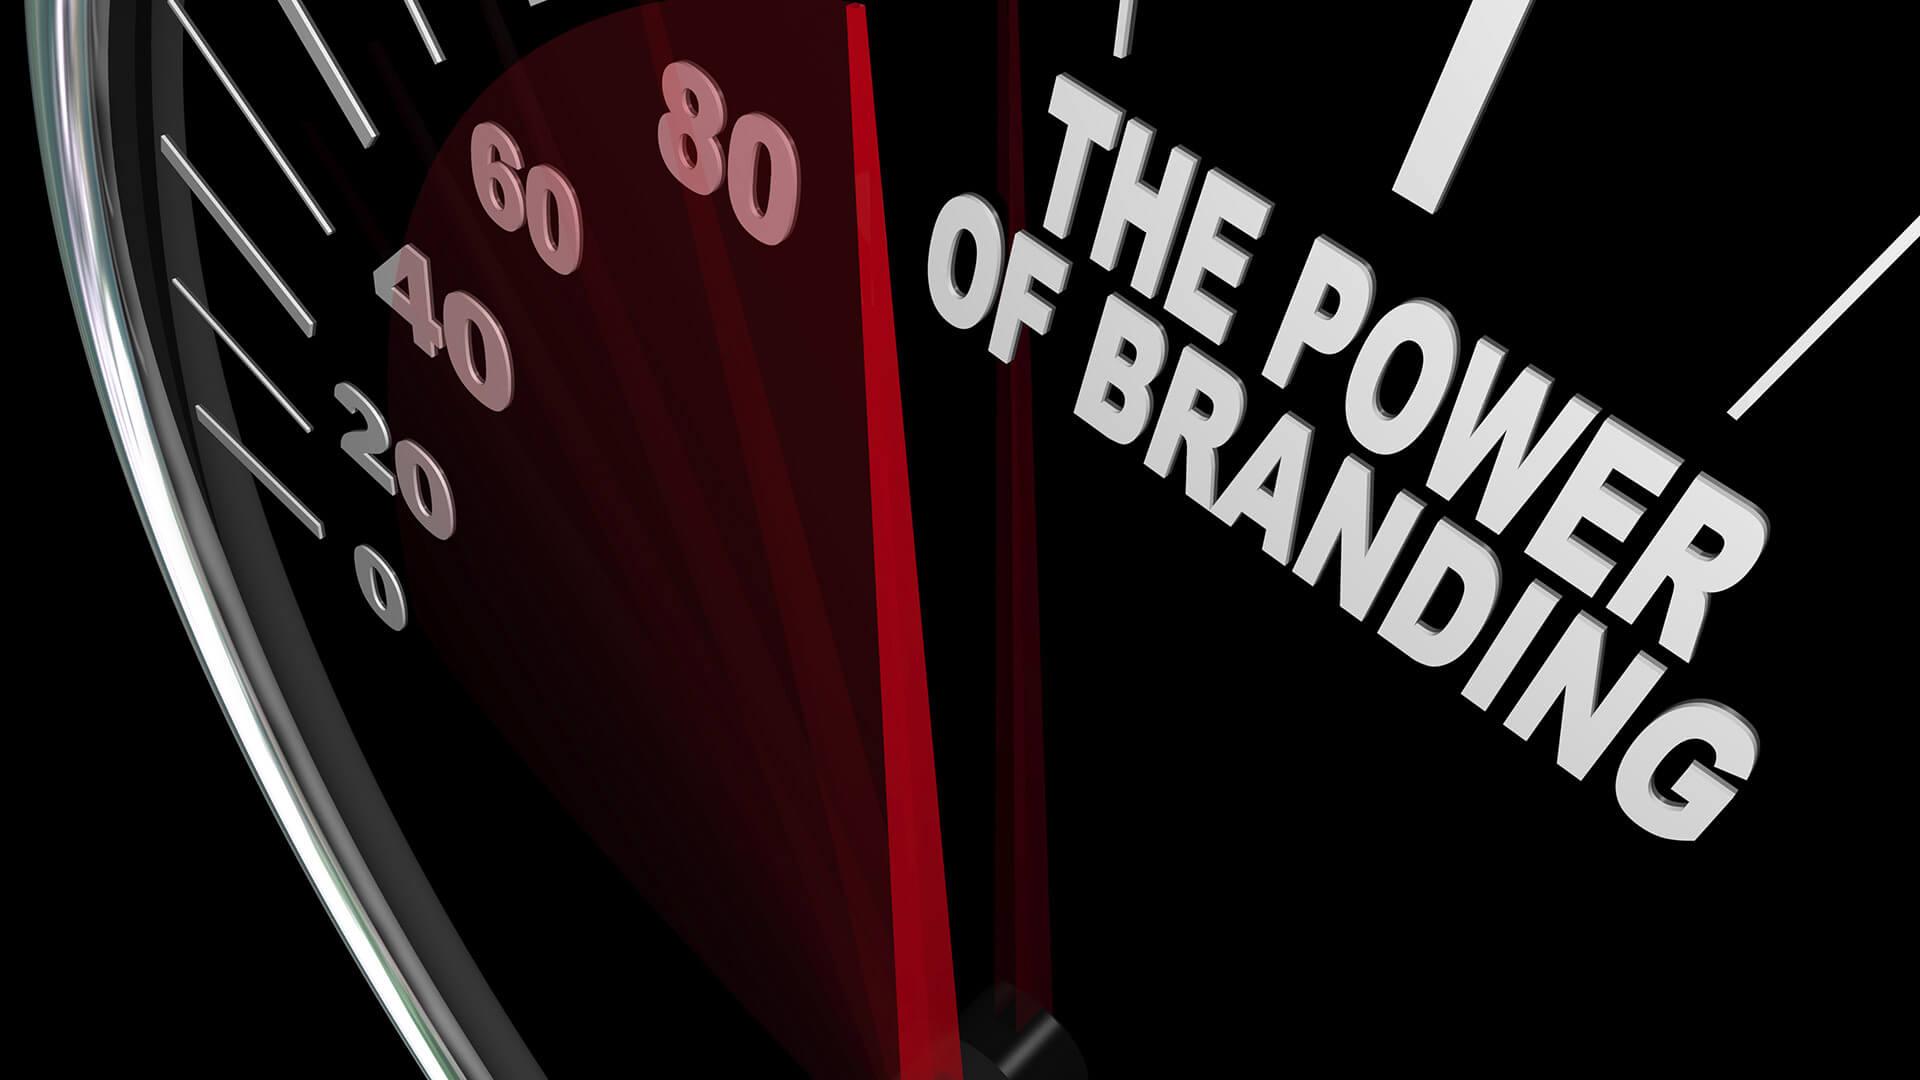 La importancia de orientar las búsquedas de marca